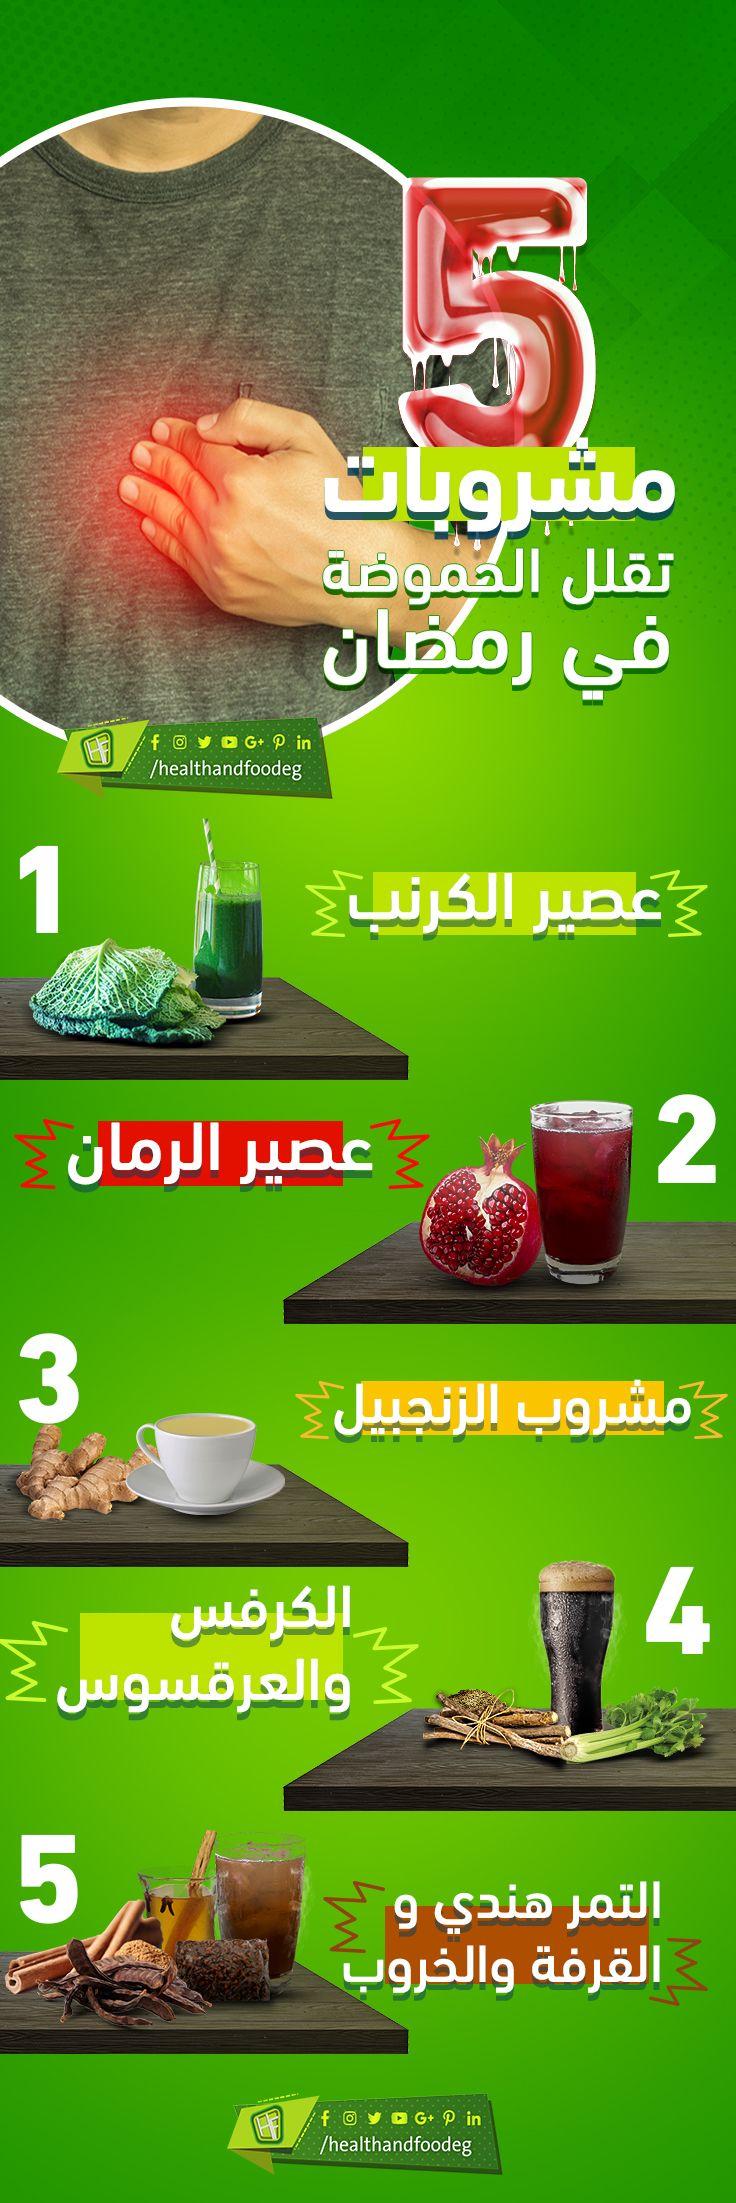 كتير مننا بيصاب بحموضة ومشاكل في المعدة في رمضان هنقولك على 5 مشروبات طبيعية تساعدك على التخلص من الشعور بالحموضة تابعنا كل يوم اتنين وخميس في Vegetables Corn